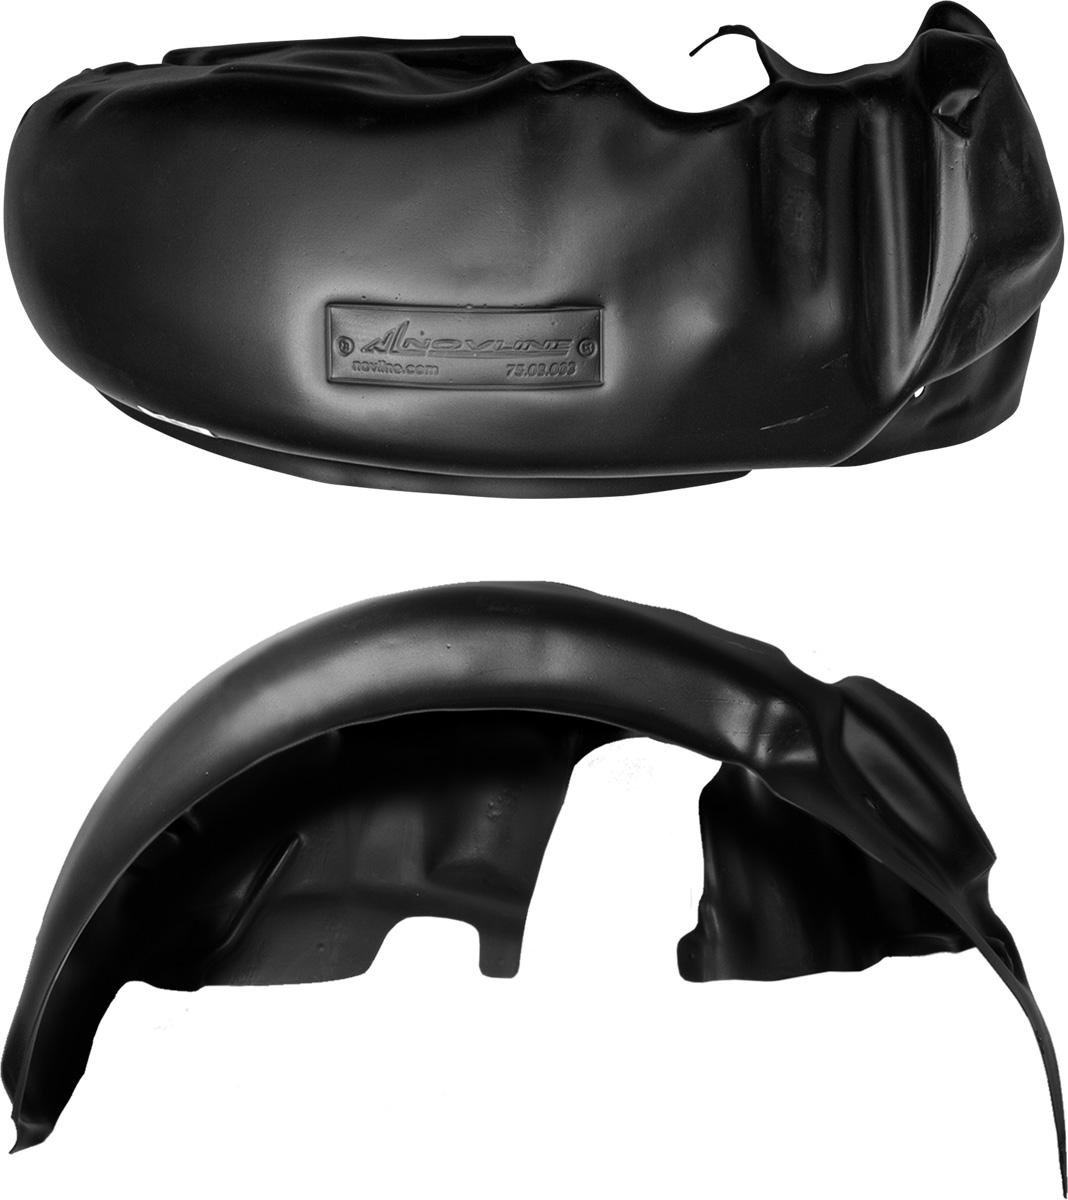 Подкрылок Novline-Autofamily, для Chevrolet Lacetti, 2004-2013, хэтчбек, седан, задний правый1004900000360Колесные ниши - одни из самых уязвимых зон днища вашего автомобиля. Они постоянно подвергаются воздействию со стороны дороги. Лучшая, почти абсолютная защита для них - специально отформованные пластиковые кожухи, которые называются подкрылками. Производятся они как для отечественных моделей автомобилей, так и для иномарок. Подкрылки Novline-Autofamily выполнены из высококачественного, экологически чистого пластика. Обеспечивают надежную защиту кузова автомобиля от пескоструйного эффекта и негативного влияния, агрессивных антигололедных реагентов. Пластик обладает более низкой теплопроводностью, чем металл, поэтому в зимний период эксплуатации использование пластиковых подкрылков позволяет лучше защитить колесные ниши от налипания снега и образования наледи. Оригинальность конструкции подчеркивает элегантность автомобиля, бережно защищает нанесенное на днище кузова антикоррозийное покрытие и позволяет осуществить крепление подкрылков внутри колесной арки практически без дополнительного крепежа и сверления, не нарушая при этом лакокрасочного покрытия, что предотвращает возникновение новых очагов коррозии. Подкрылки долговечны, обладают высокой прочностью и сохраняют заданную форму, а также все свои физико-механические характеристики в самых тяжелых климатических условиях (от -50°С до +50°С).Уважаемые клиенты!Обращаем ваше внимание, на тот факт, что подкрылок имеет форму, соответствующую модели данного автомобиля. Фото служит для визуального восприятия товара.